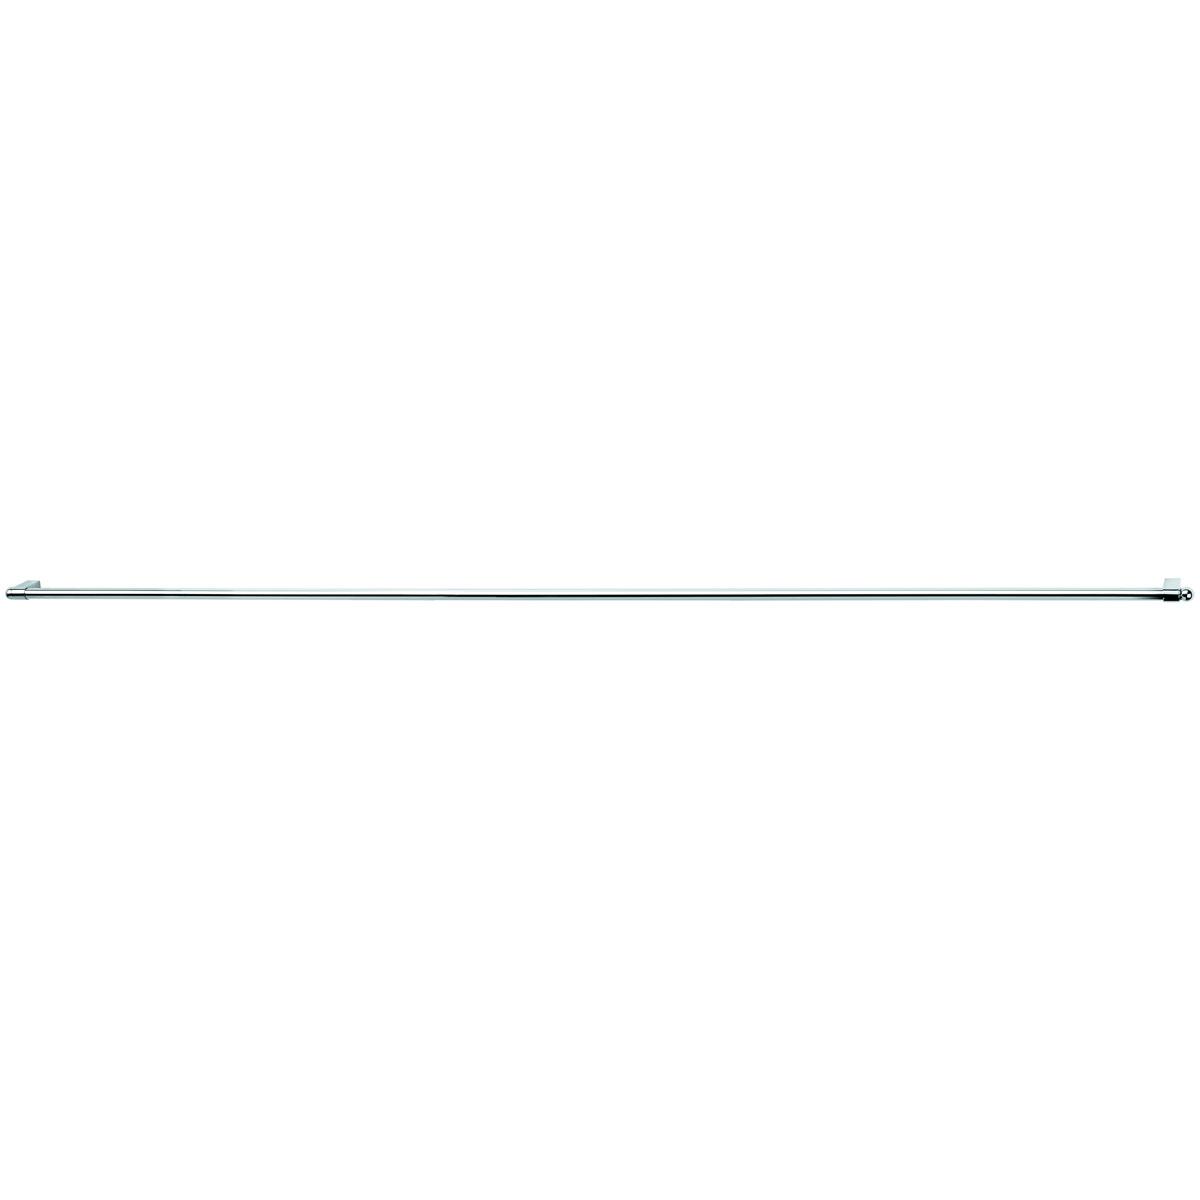 Рейлинг Esprado Platinos, с комплектом крепежа, 60 см крючок малый esprado platinos для рейлинга 5 7 см 5 шт